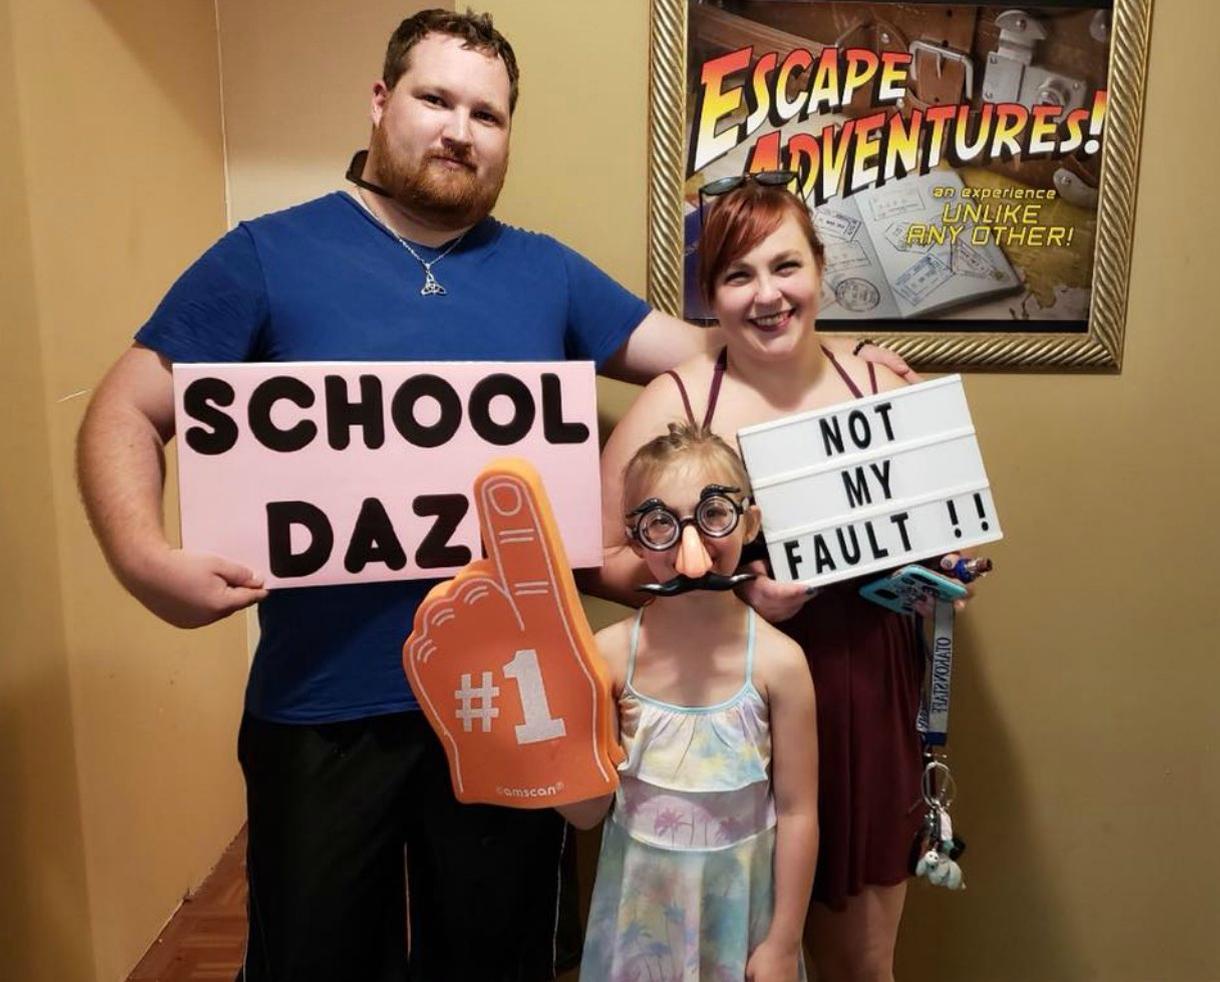 Escape Adventures! Private Family-Friendly Escape Room